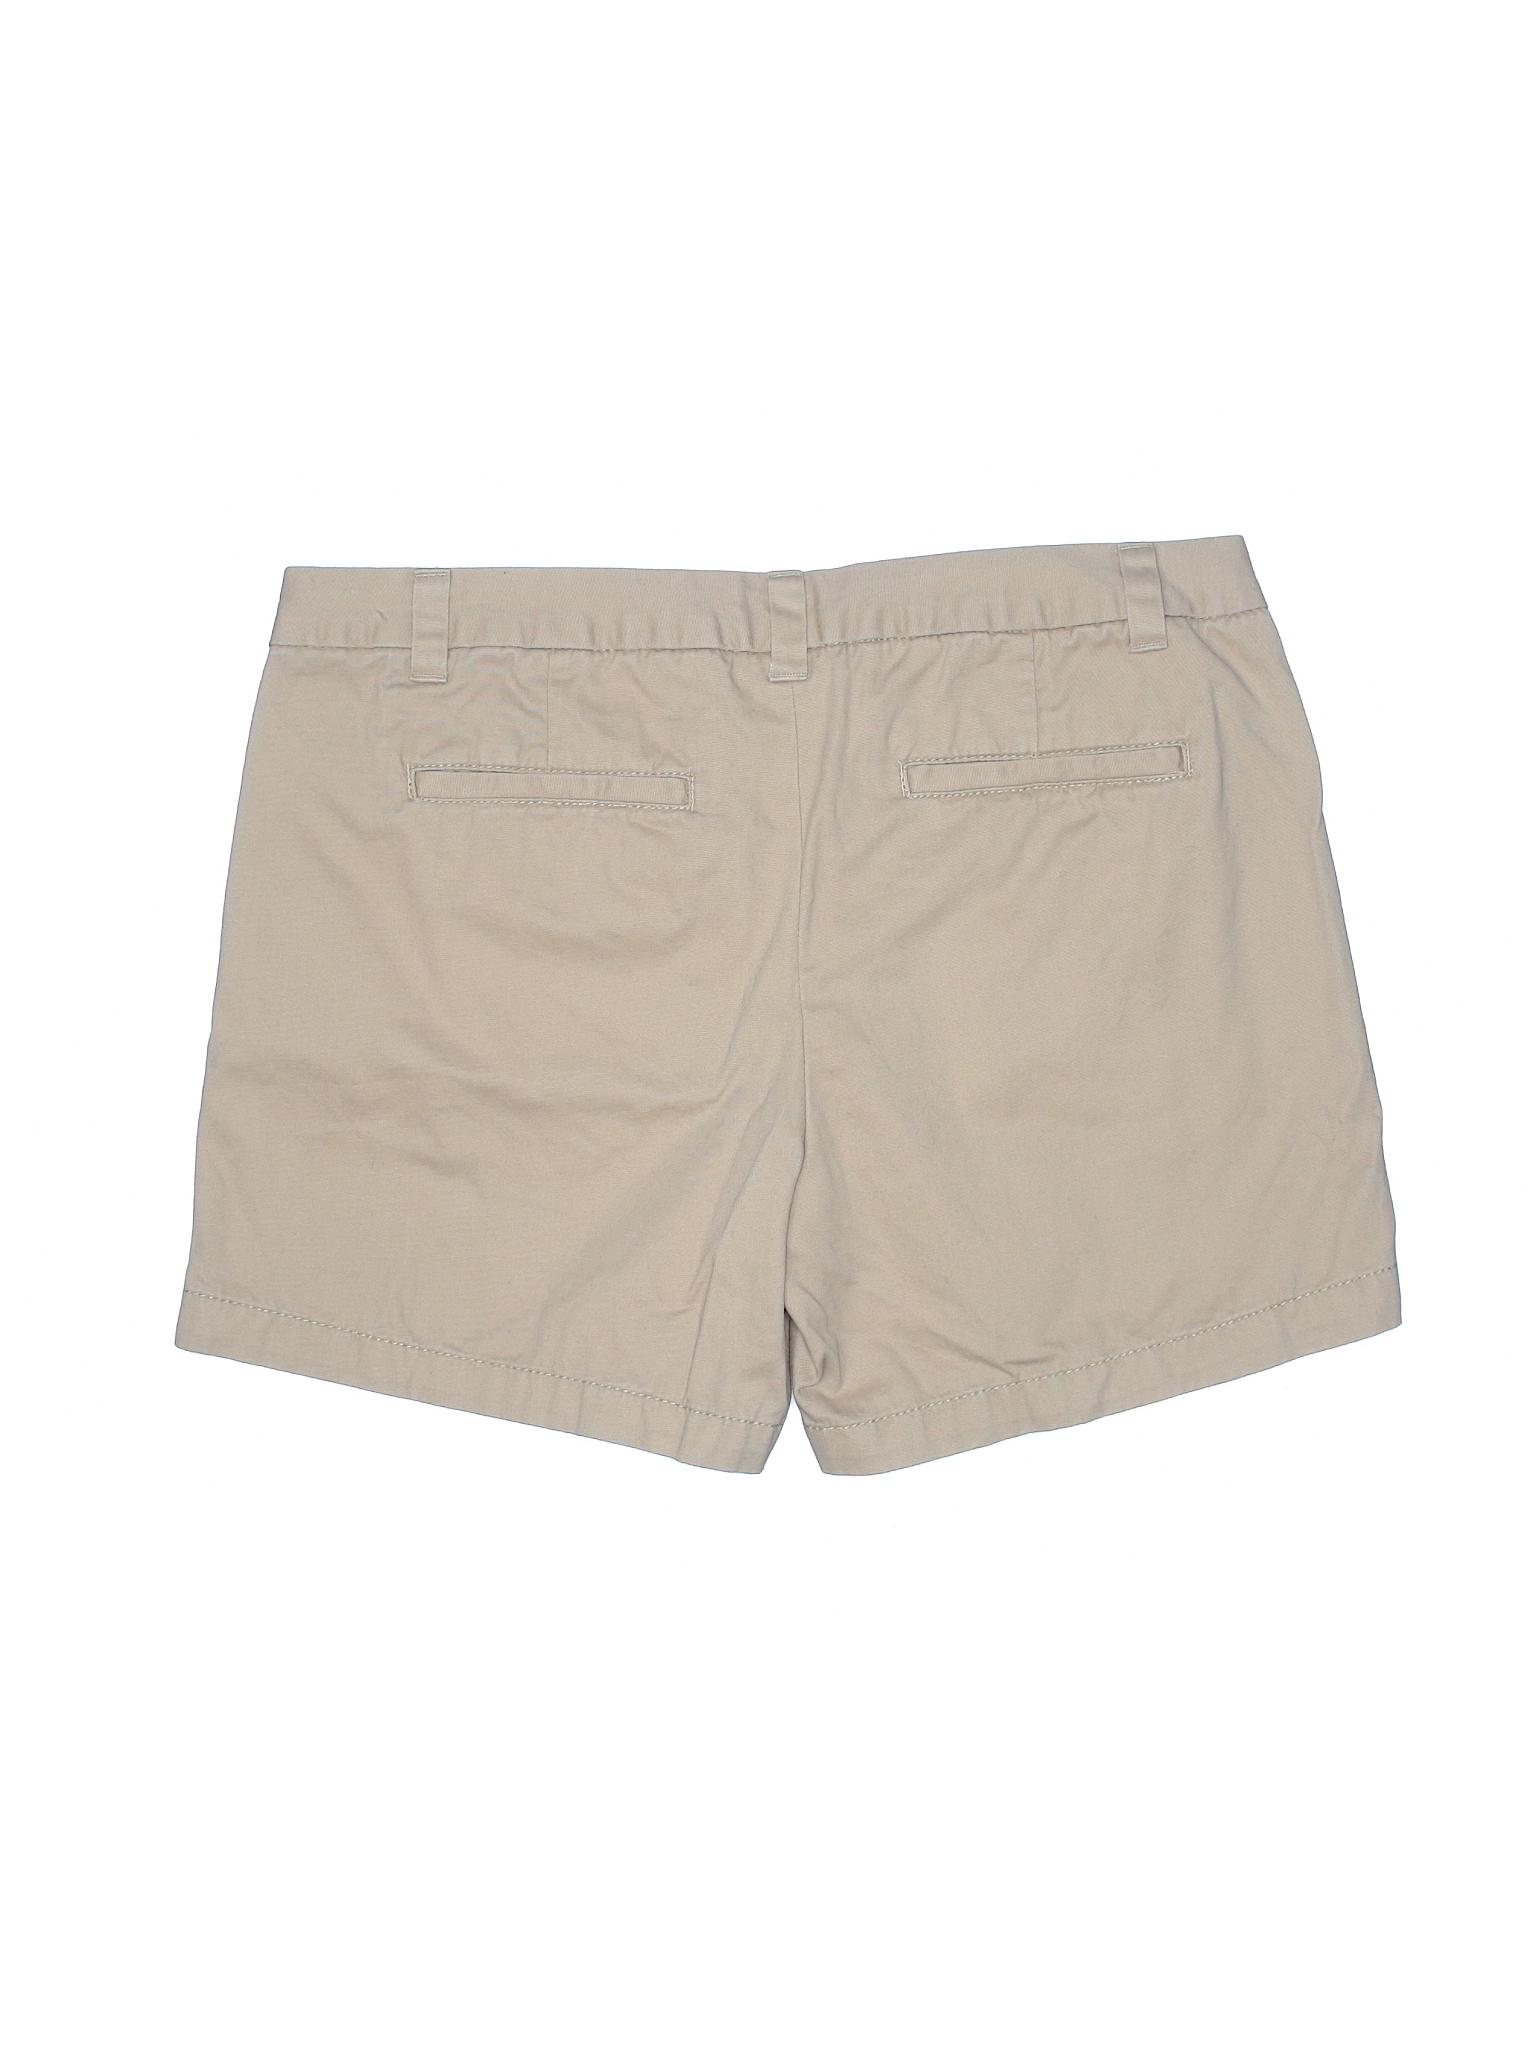 Khaki Boutique Merona Boutique Shorts Merona tXqqwr7